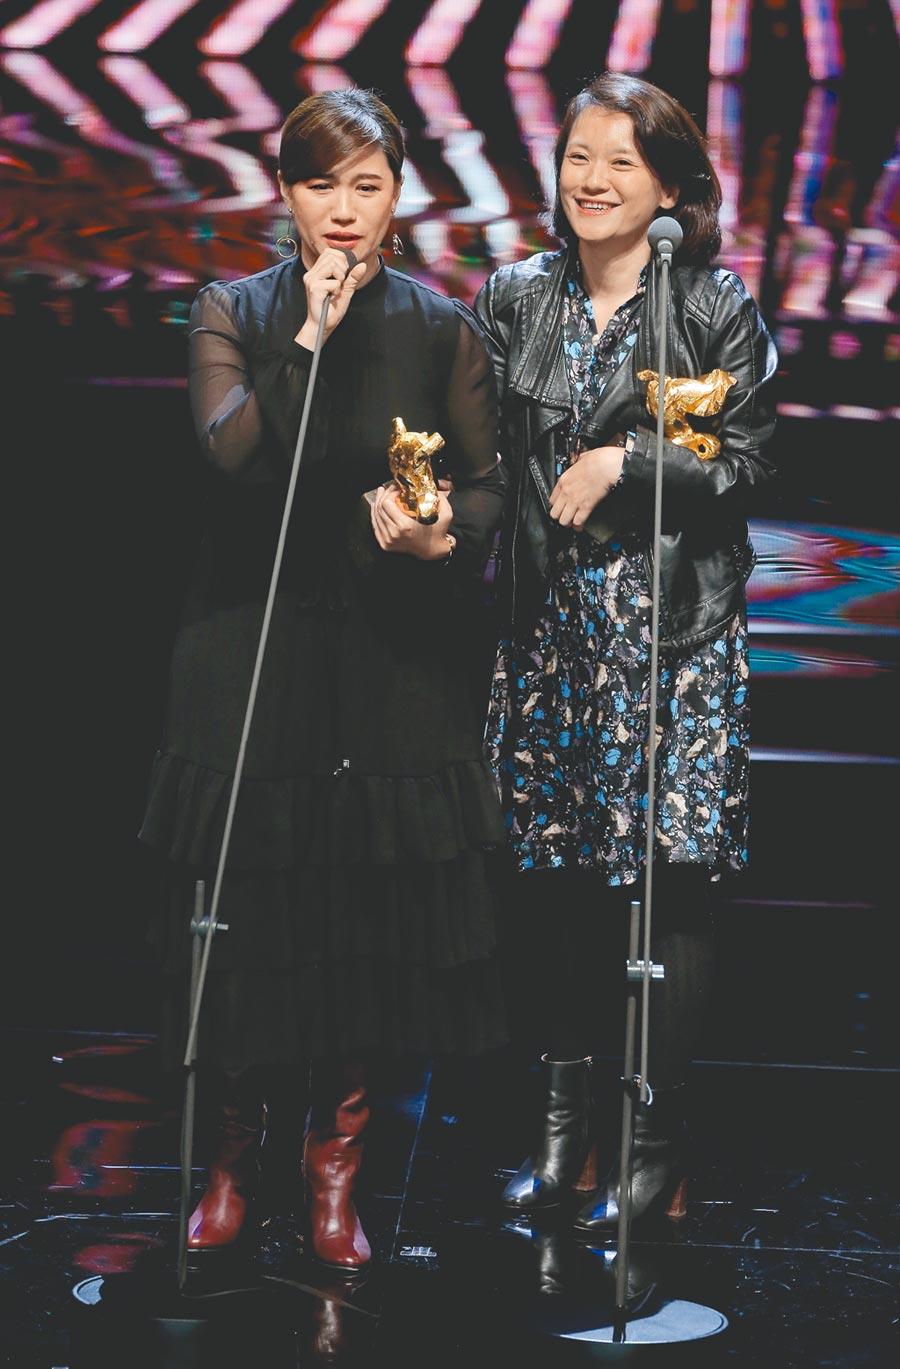 去年頒獎典禮時,以「我們的青春,在台灣」奪得最佳紀錄片的馬來西亞籍導演傅榆。(本報資料照片)